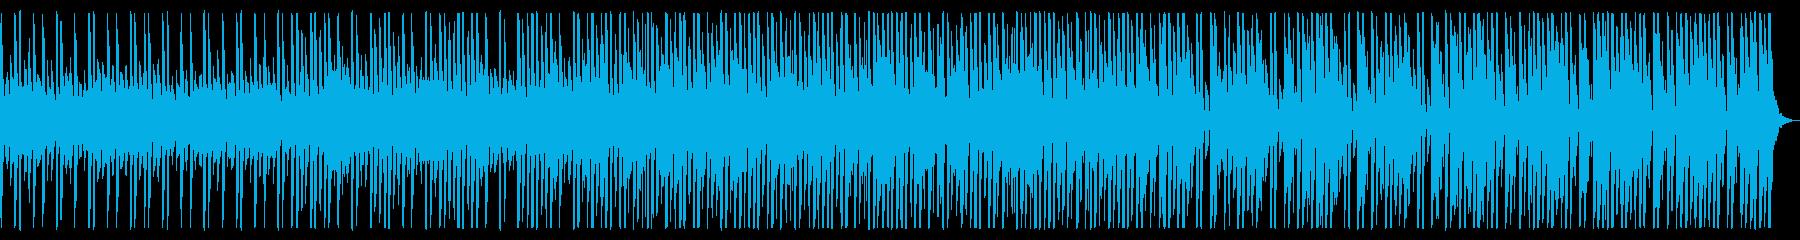 レトロ/アーバン/R&B_No463_2の再生済みの波形